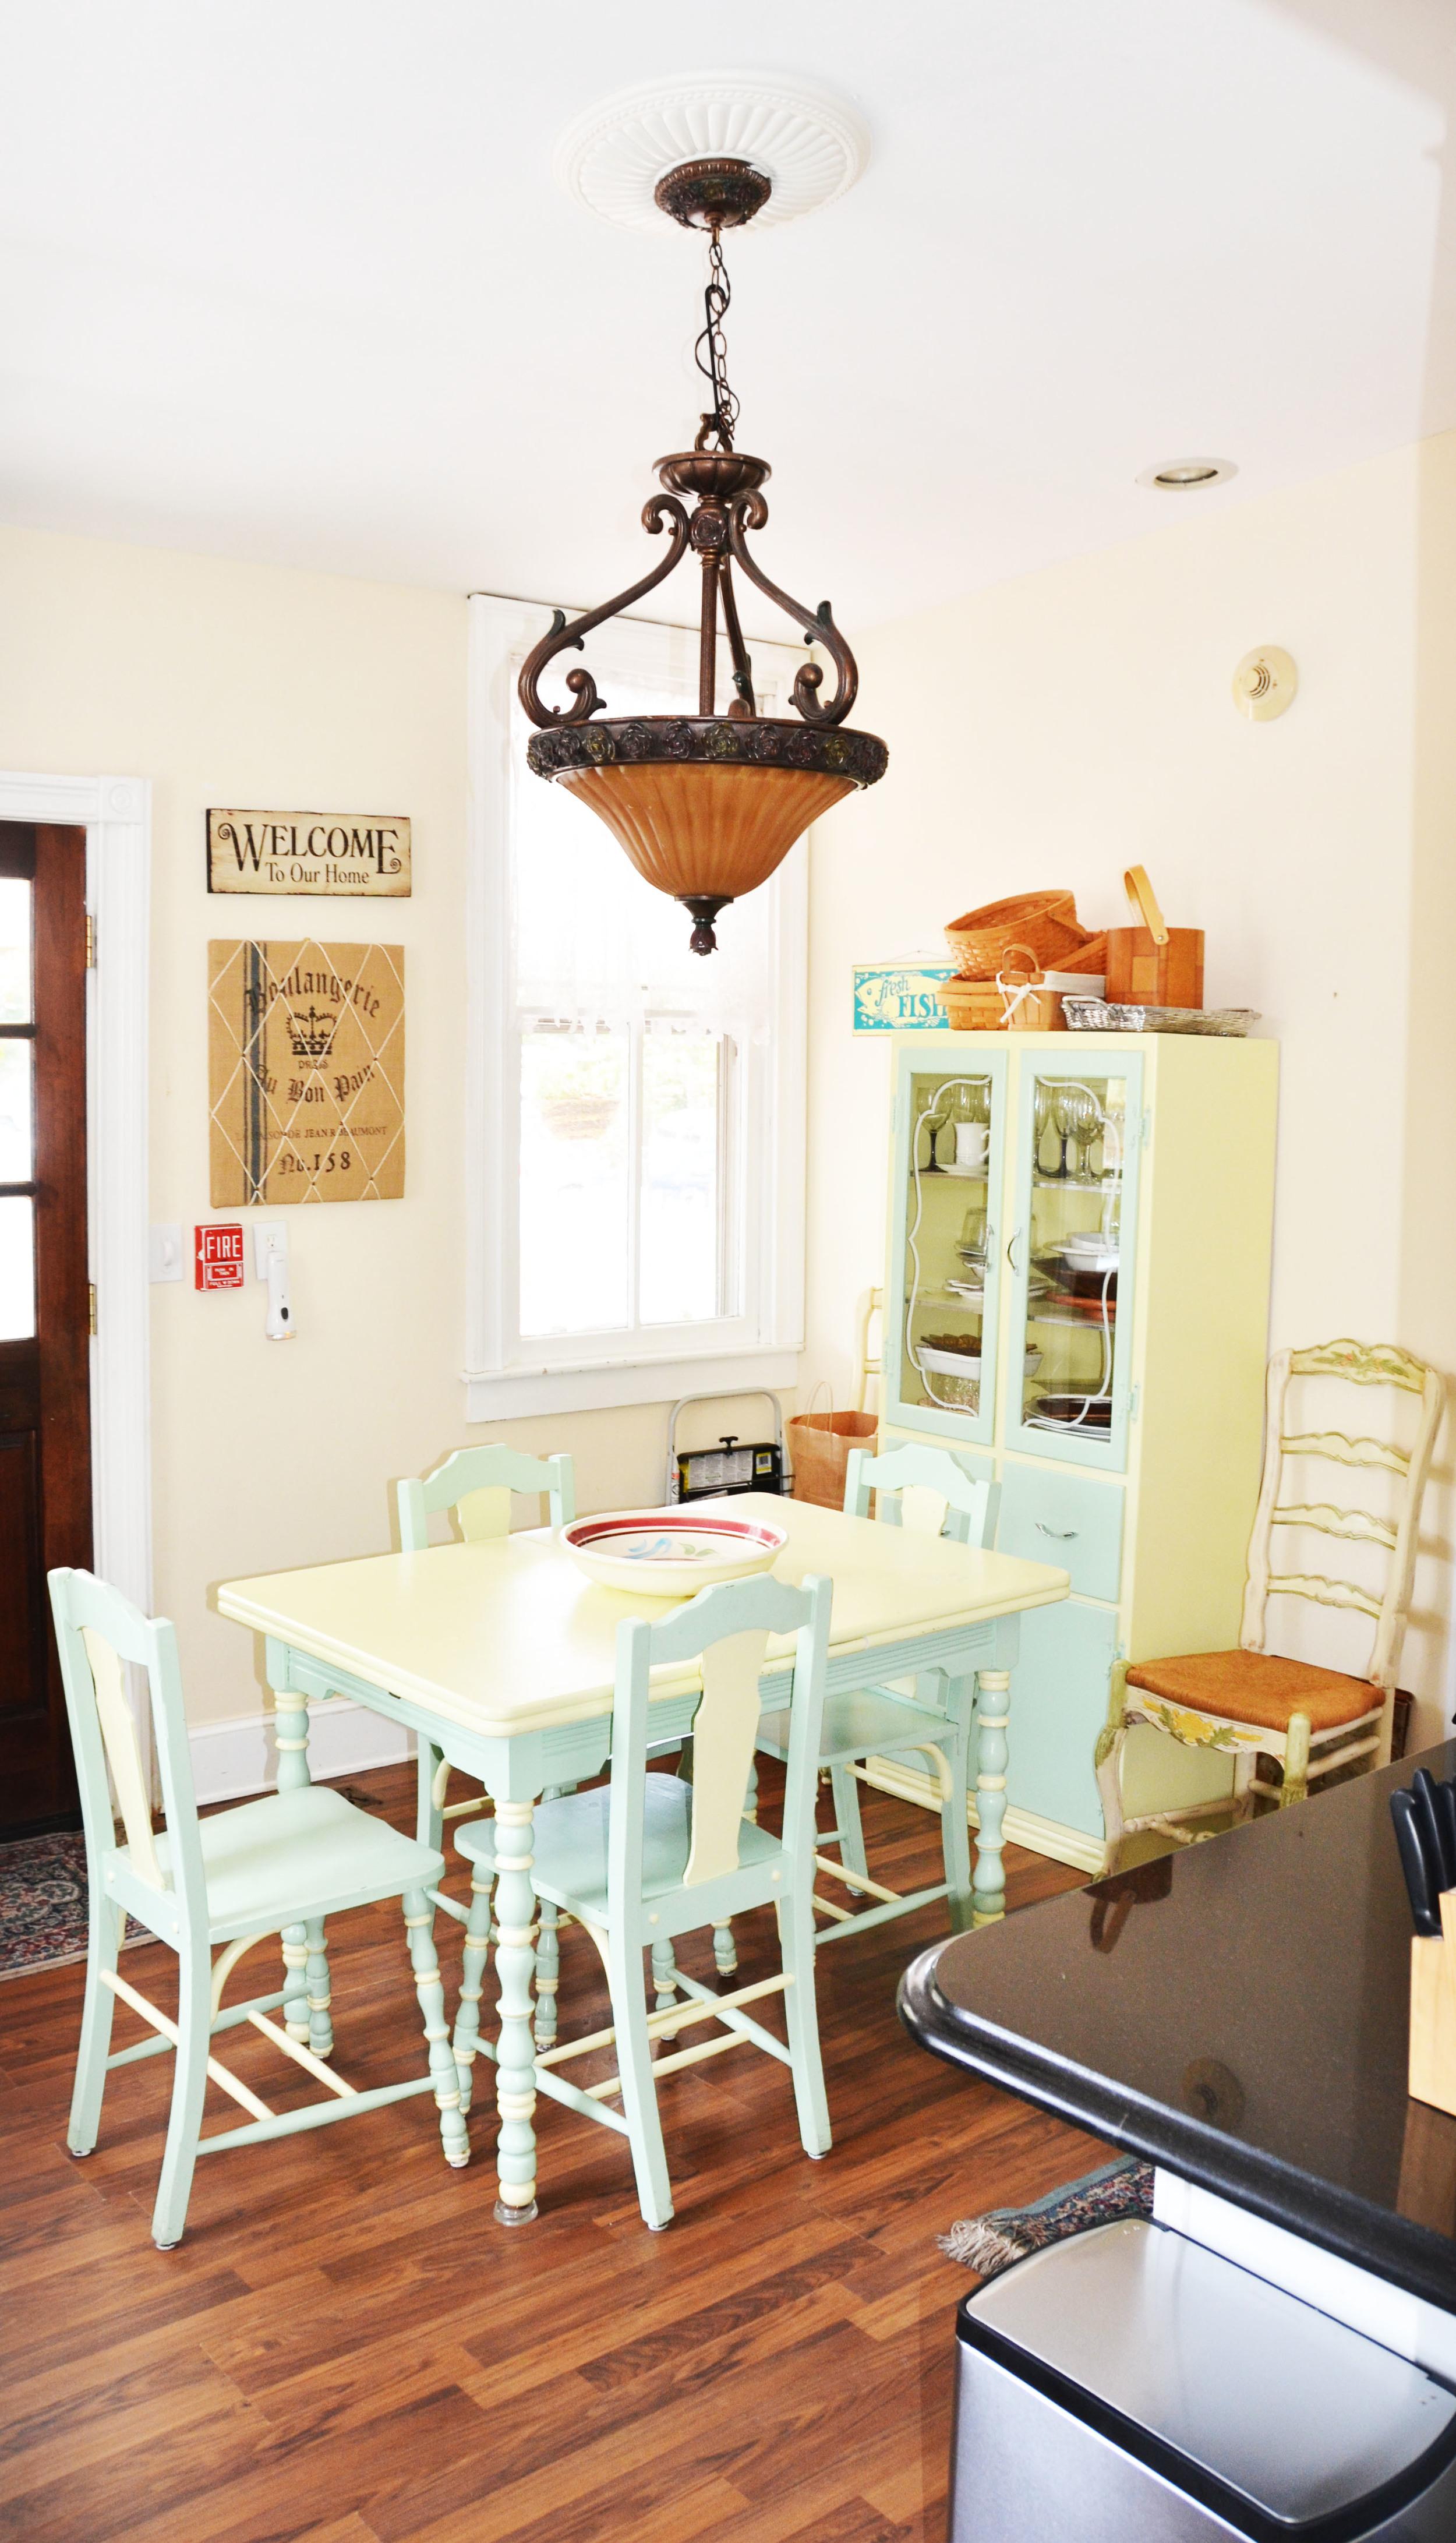 Kitchen2-2 copy.jpg